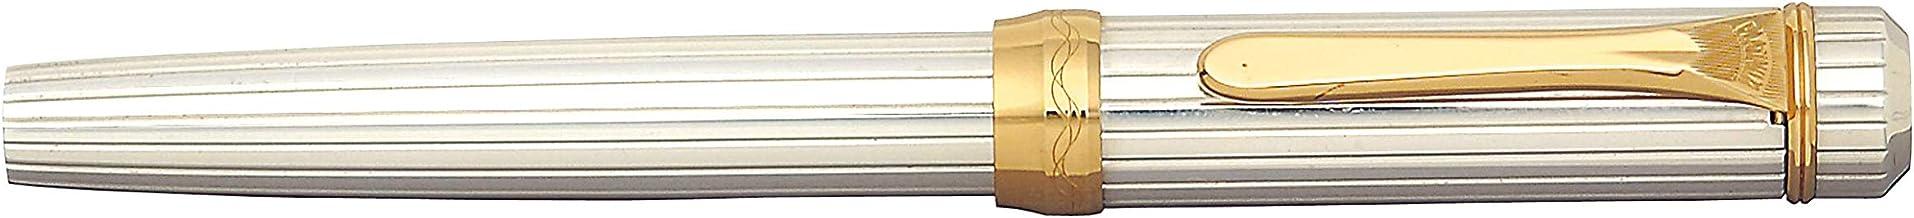 PLATINUM PEN 鋼筆 紋銀 中字筆尖 PTS-50000#9-3